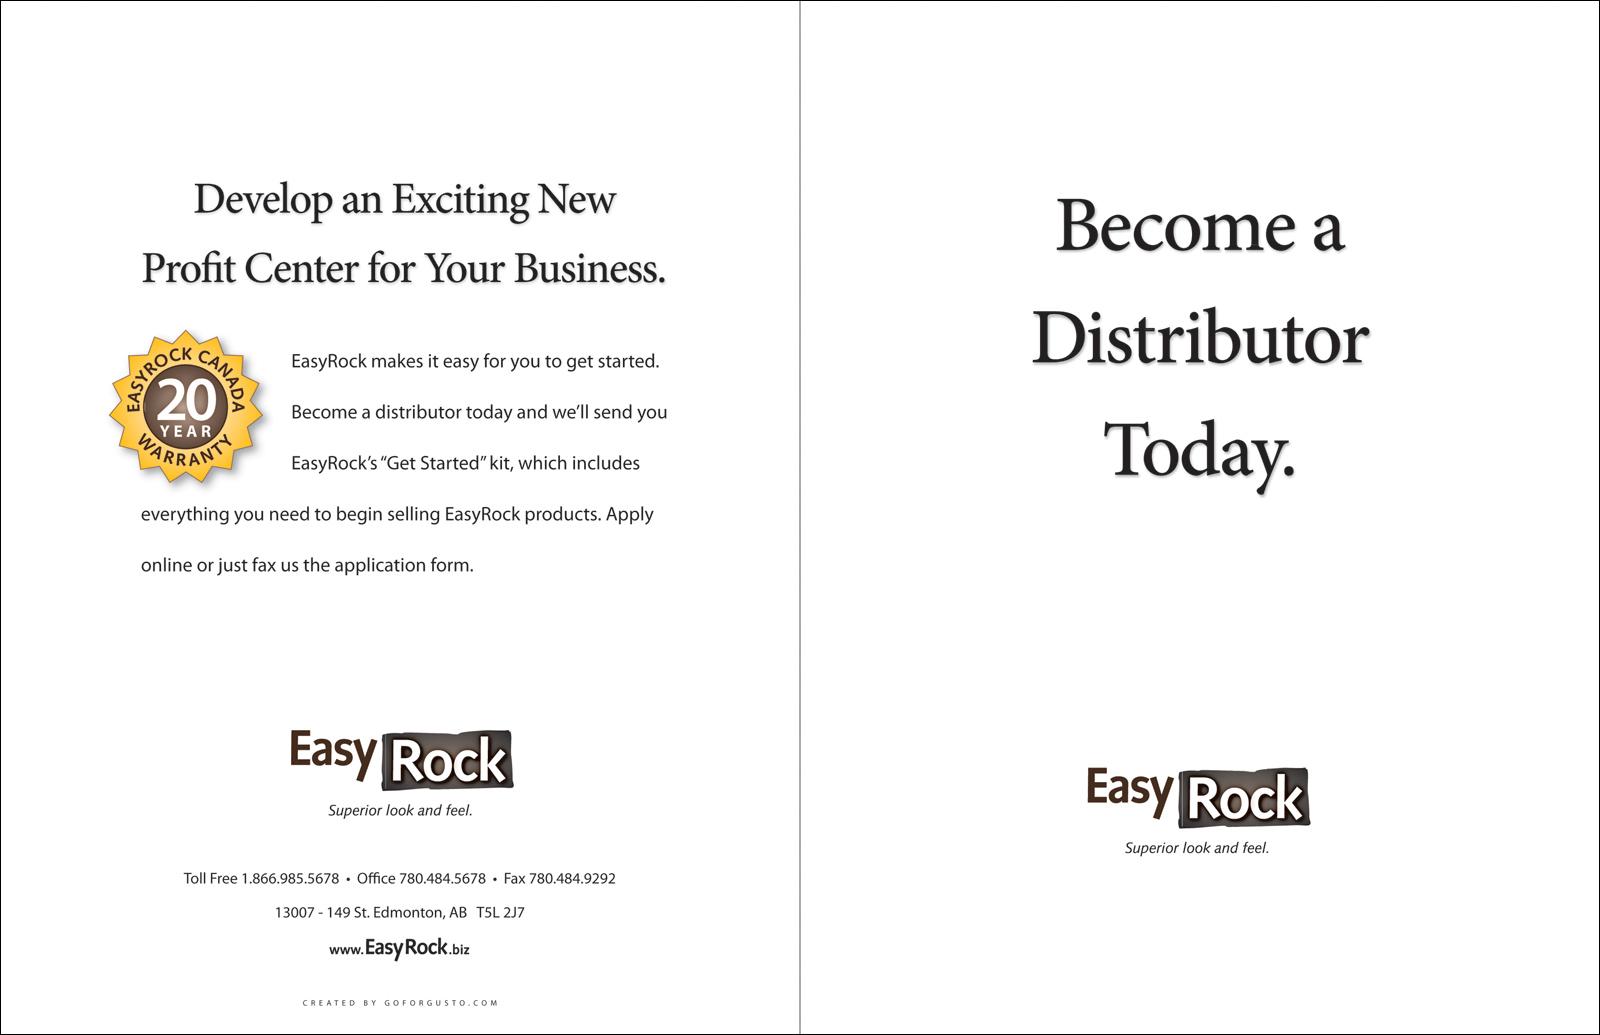 EasyRock-Distributor-brochure1.jpg